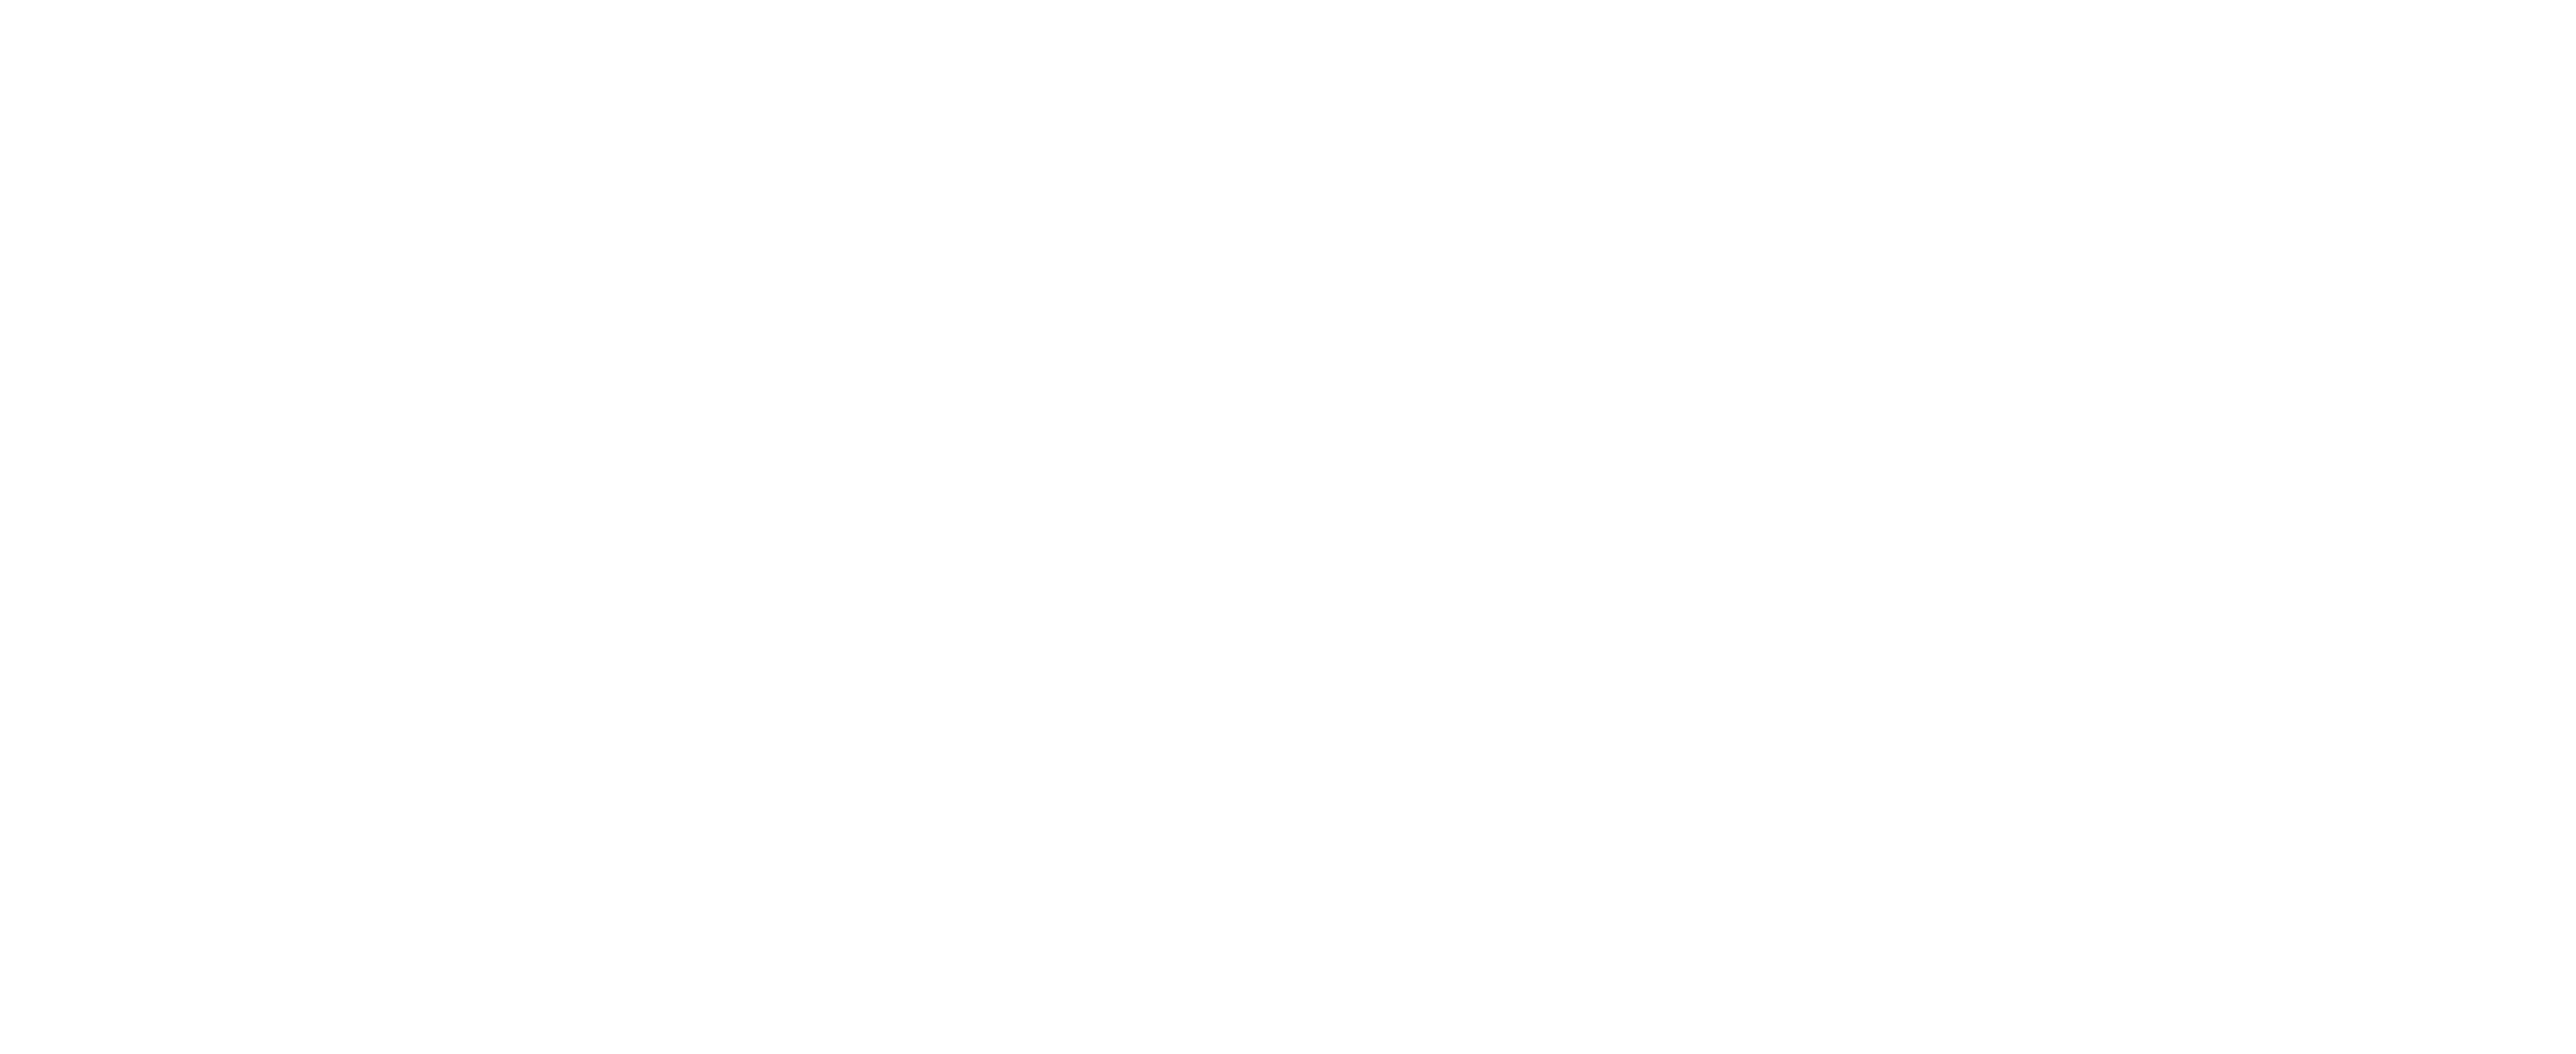 logo2w